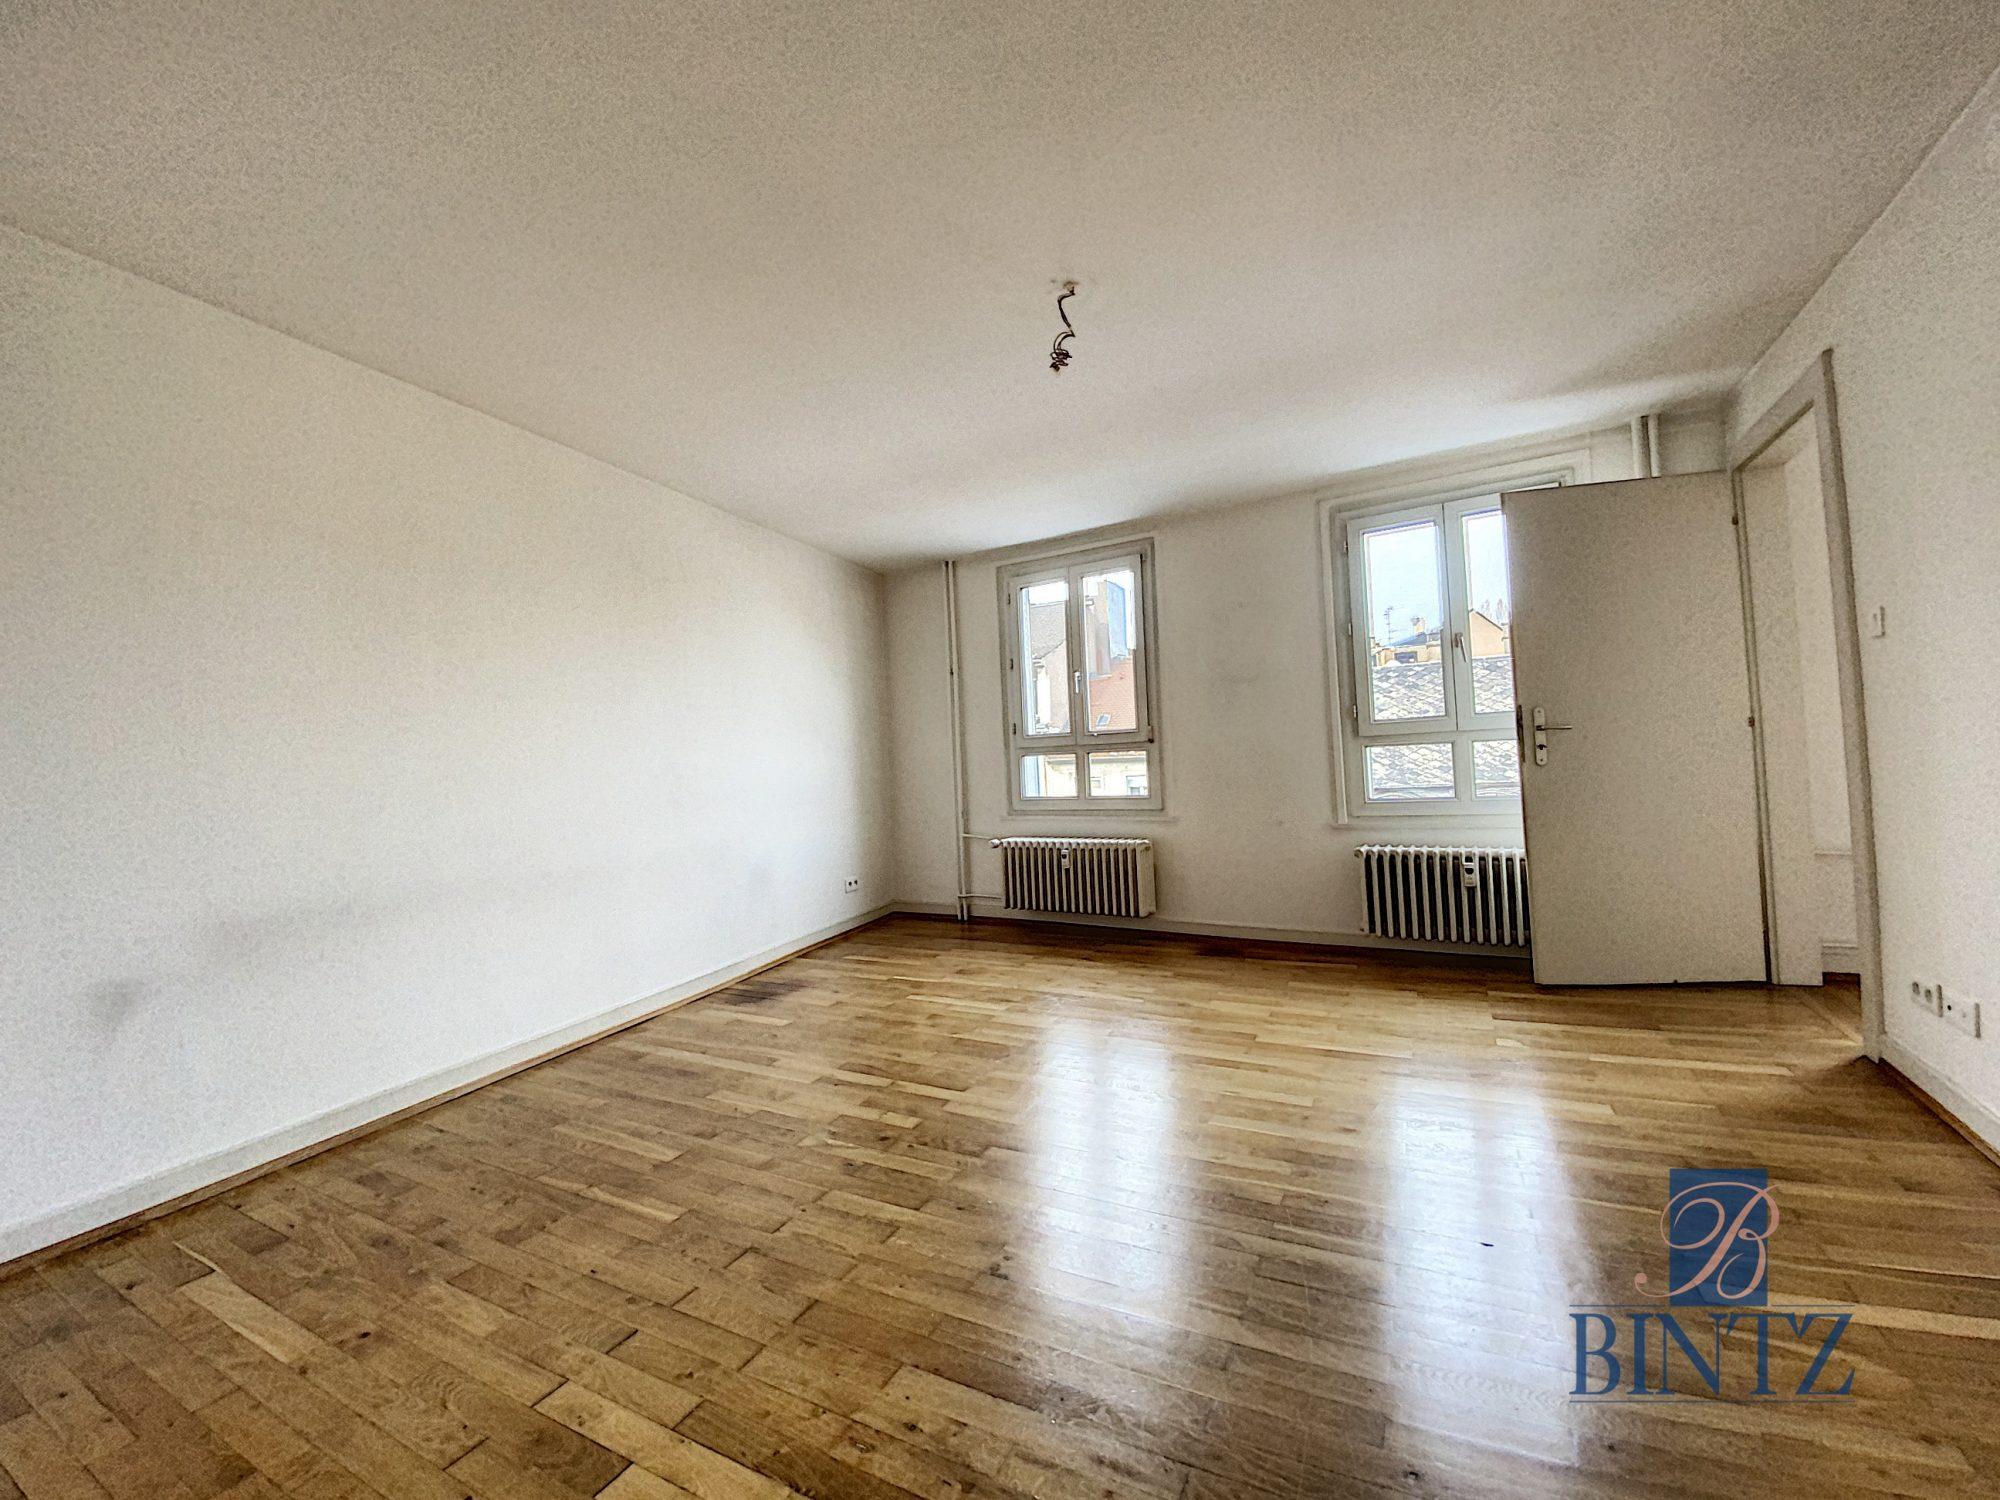 3 PIÈCES HYPERCENTRE - Devenez locataire en toute sérénité - Bintz Immobilier - 13